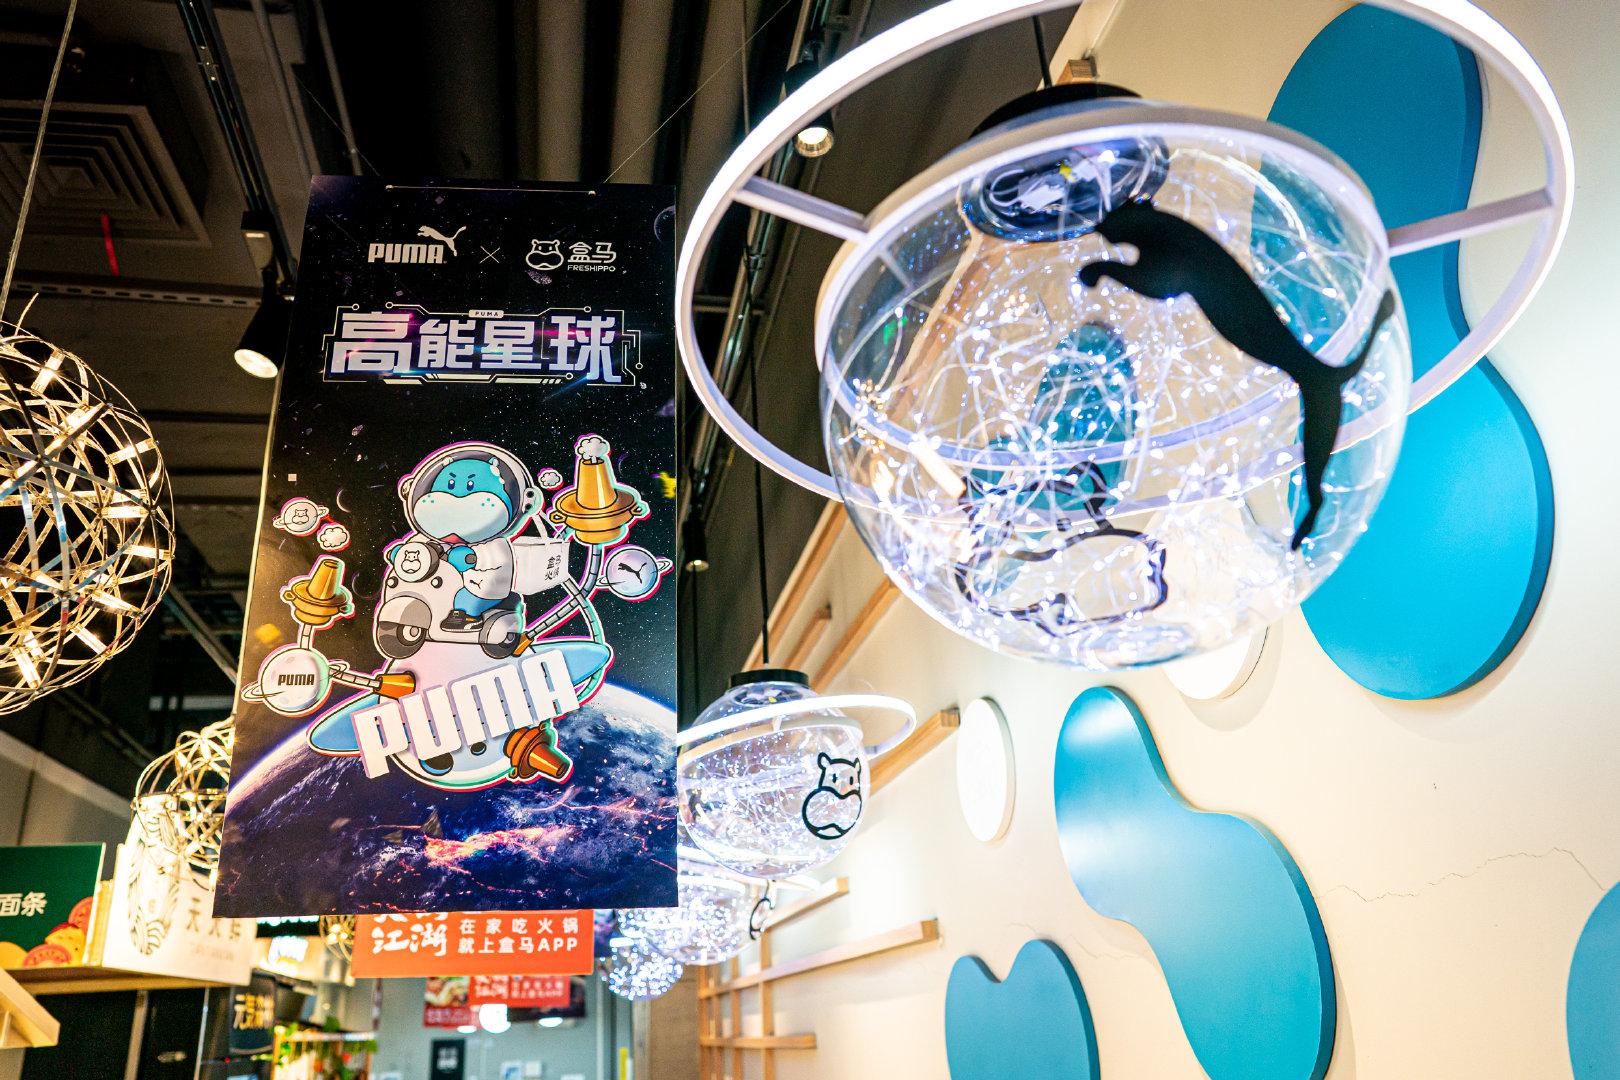 Hema and Puma's campaign in China. Credit: Hema